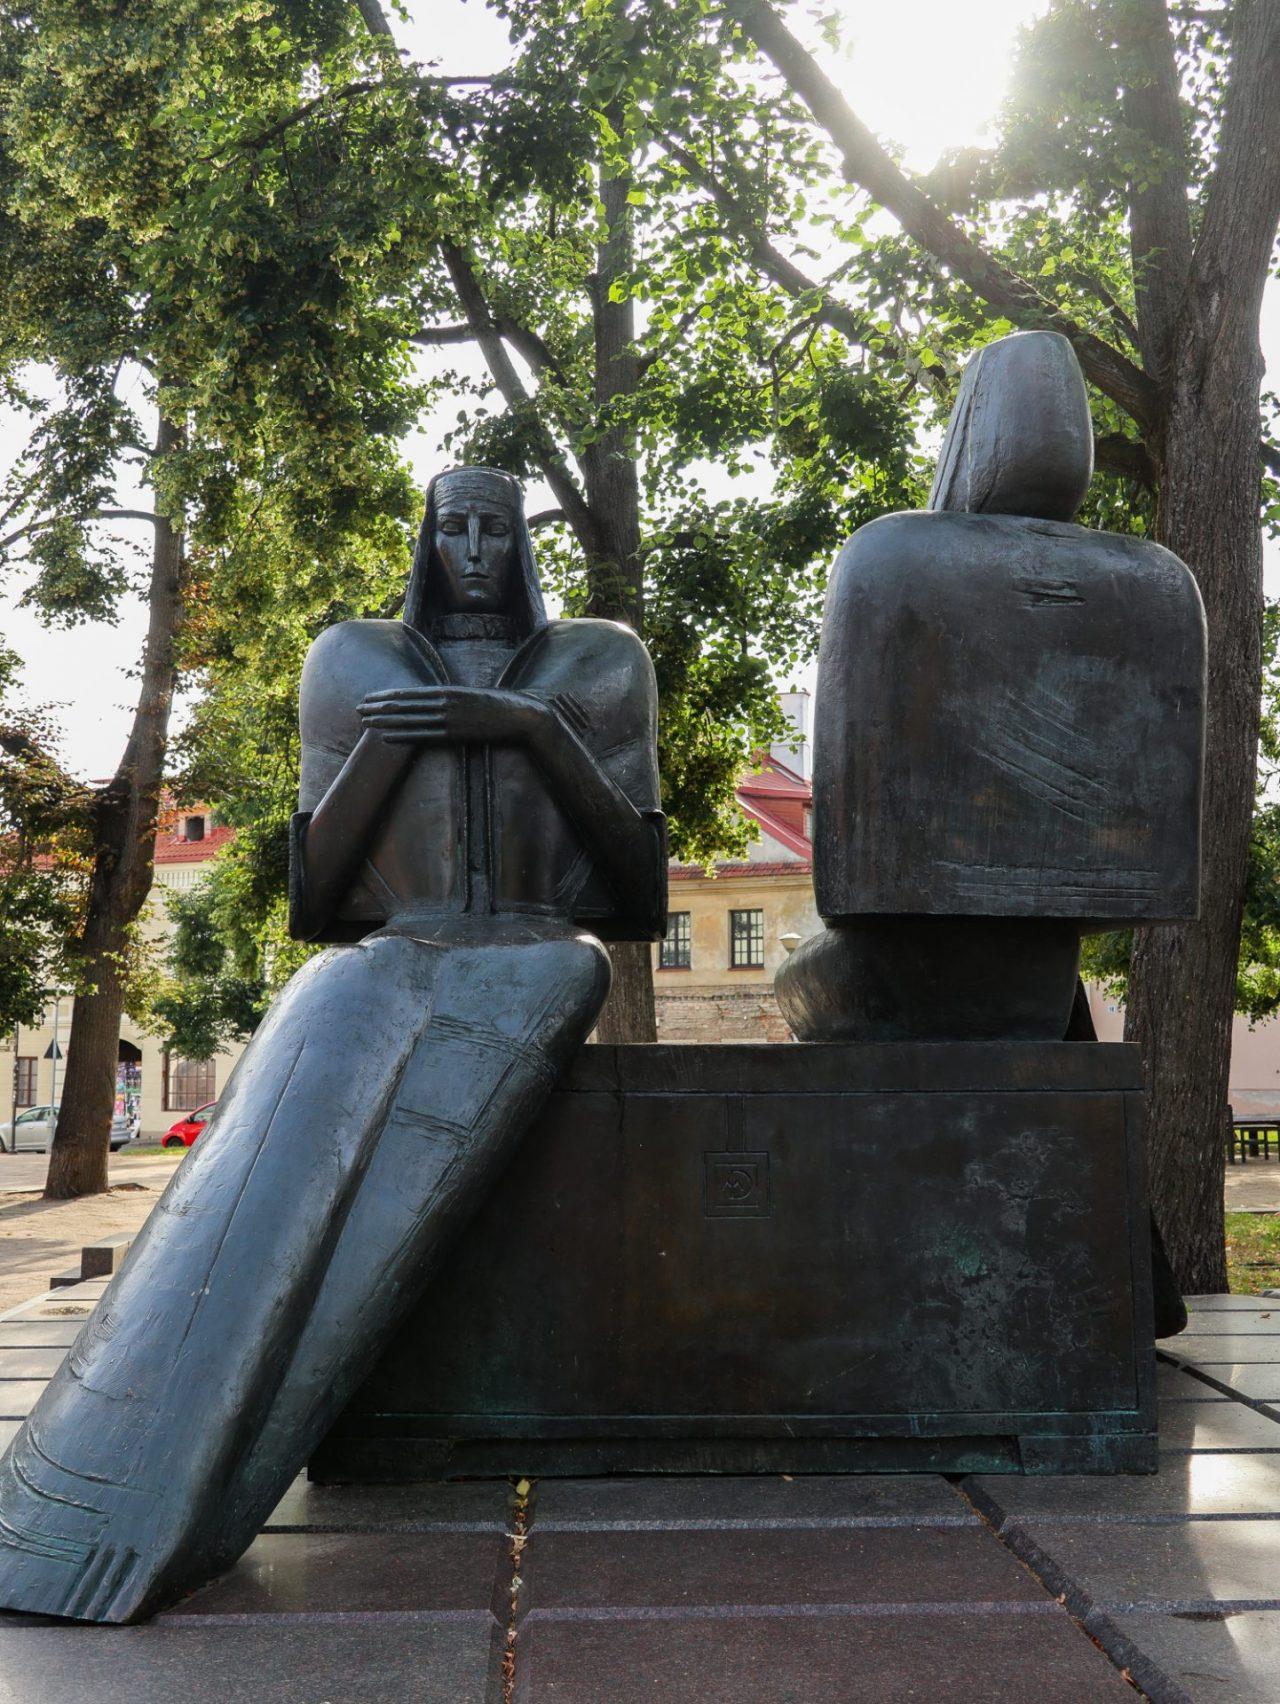 lituanie-vilnius-parc-statues